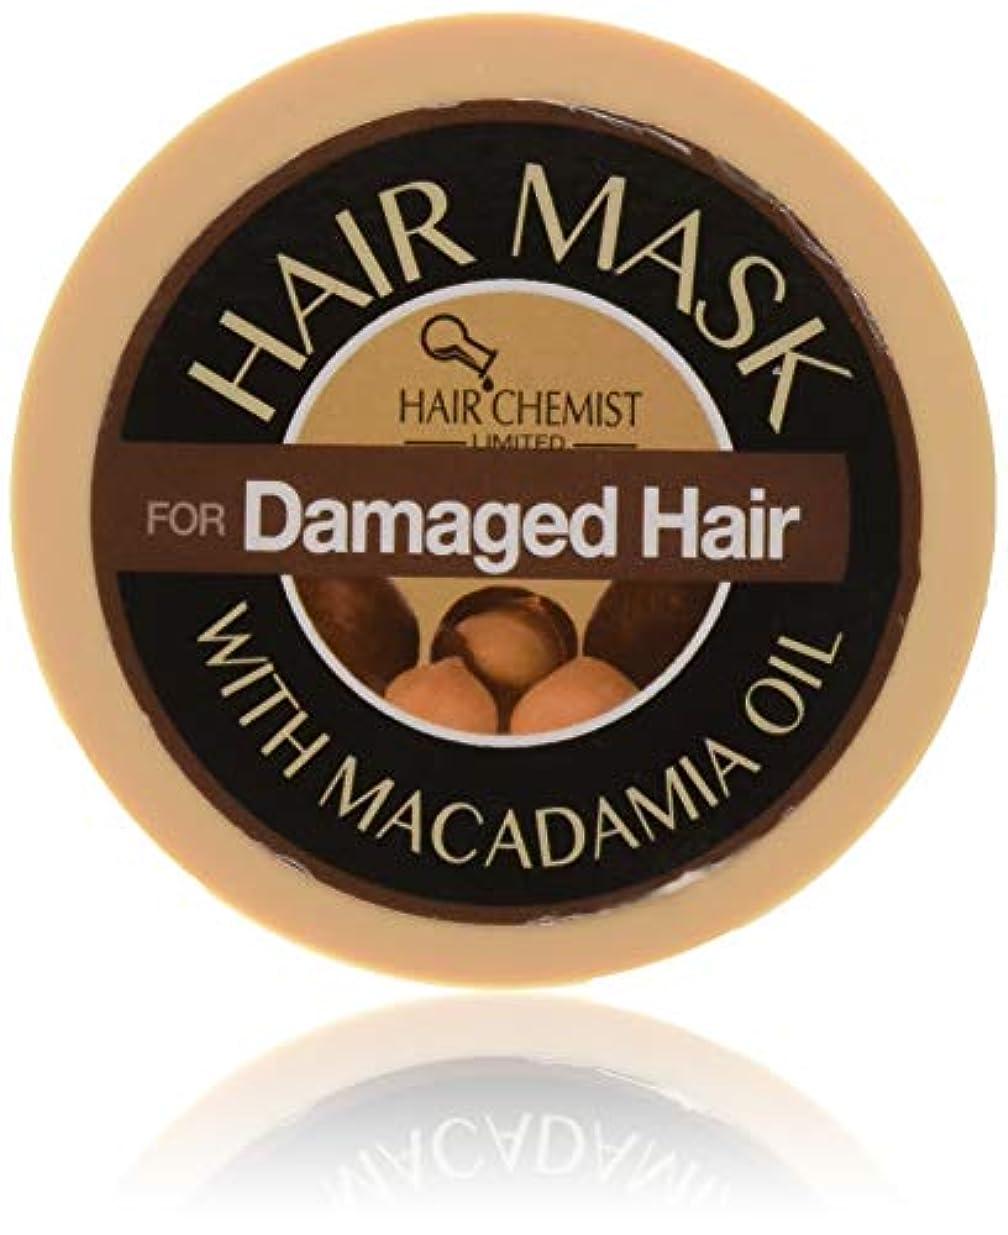 追い付く農業の勘違いするHAIR CHEMIST ヘアマスク マカダミアオイル ダメージヘア 57g Hair Mask Macadamia Oil For Damaged Hair 1522 New York